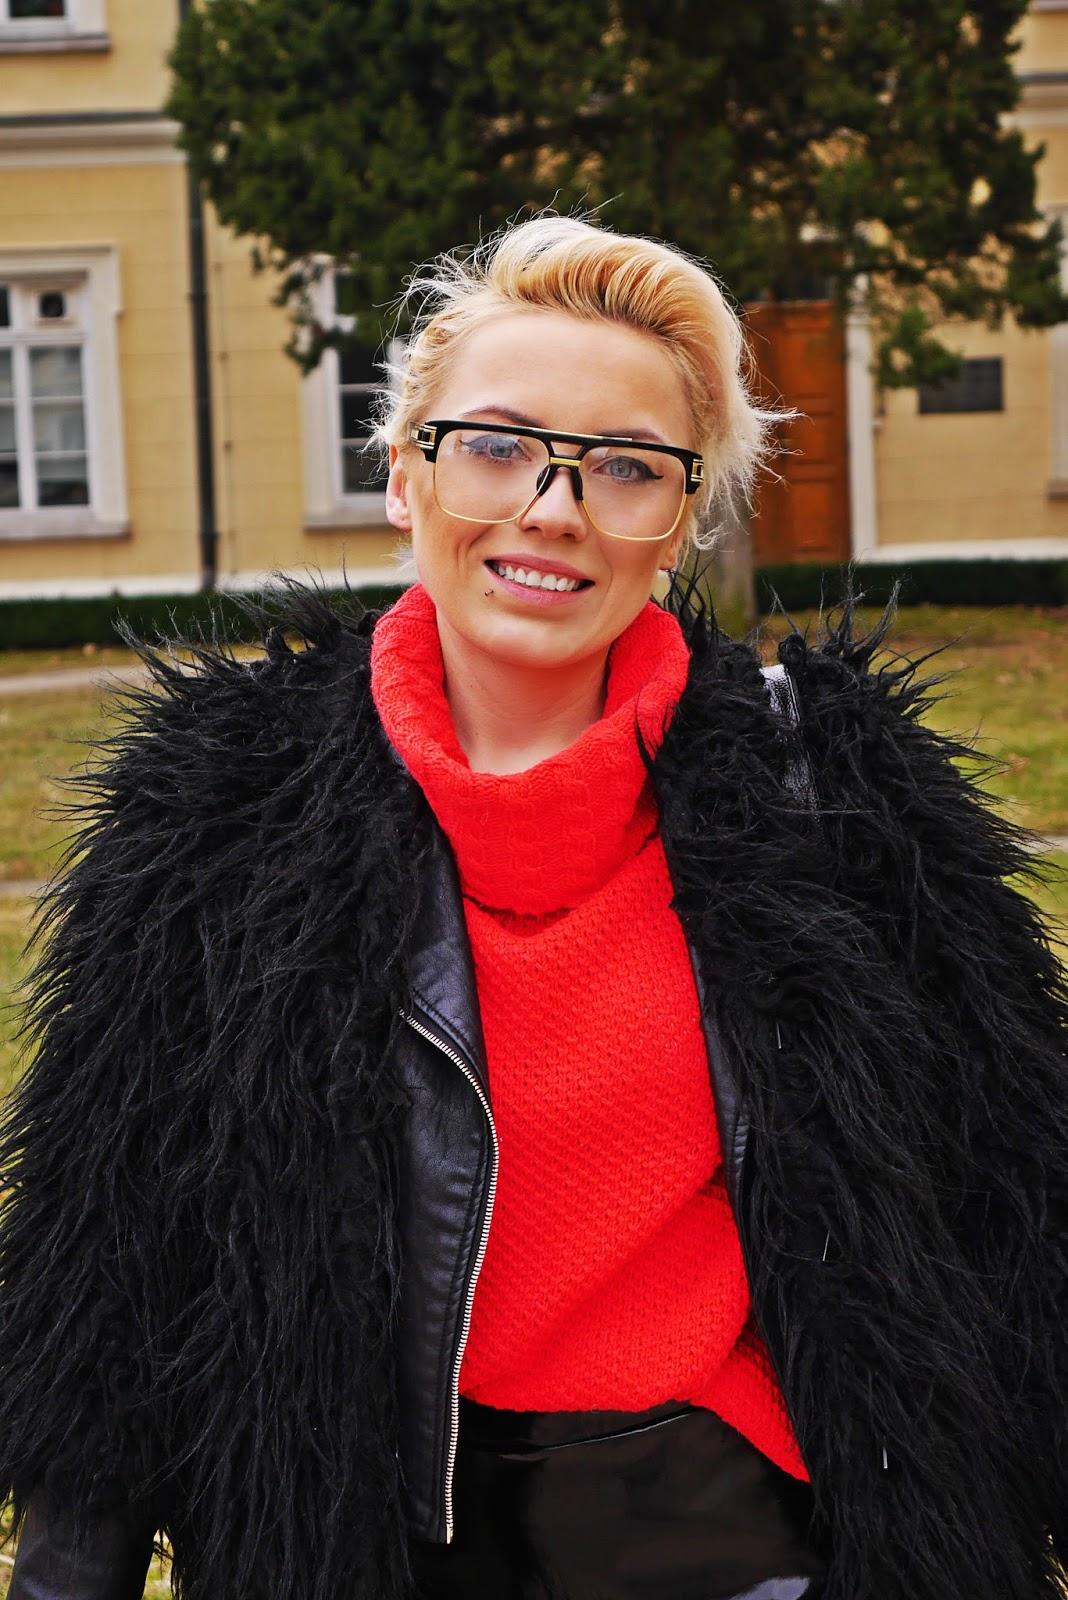 blogerka_modowa_karyn_blog_modowy_pulawy_160317a